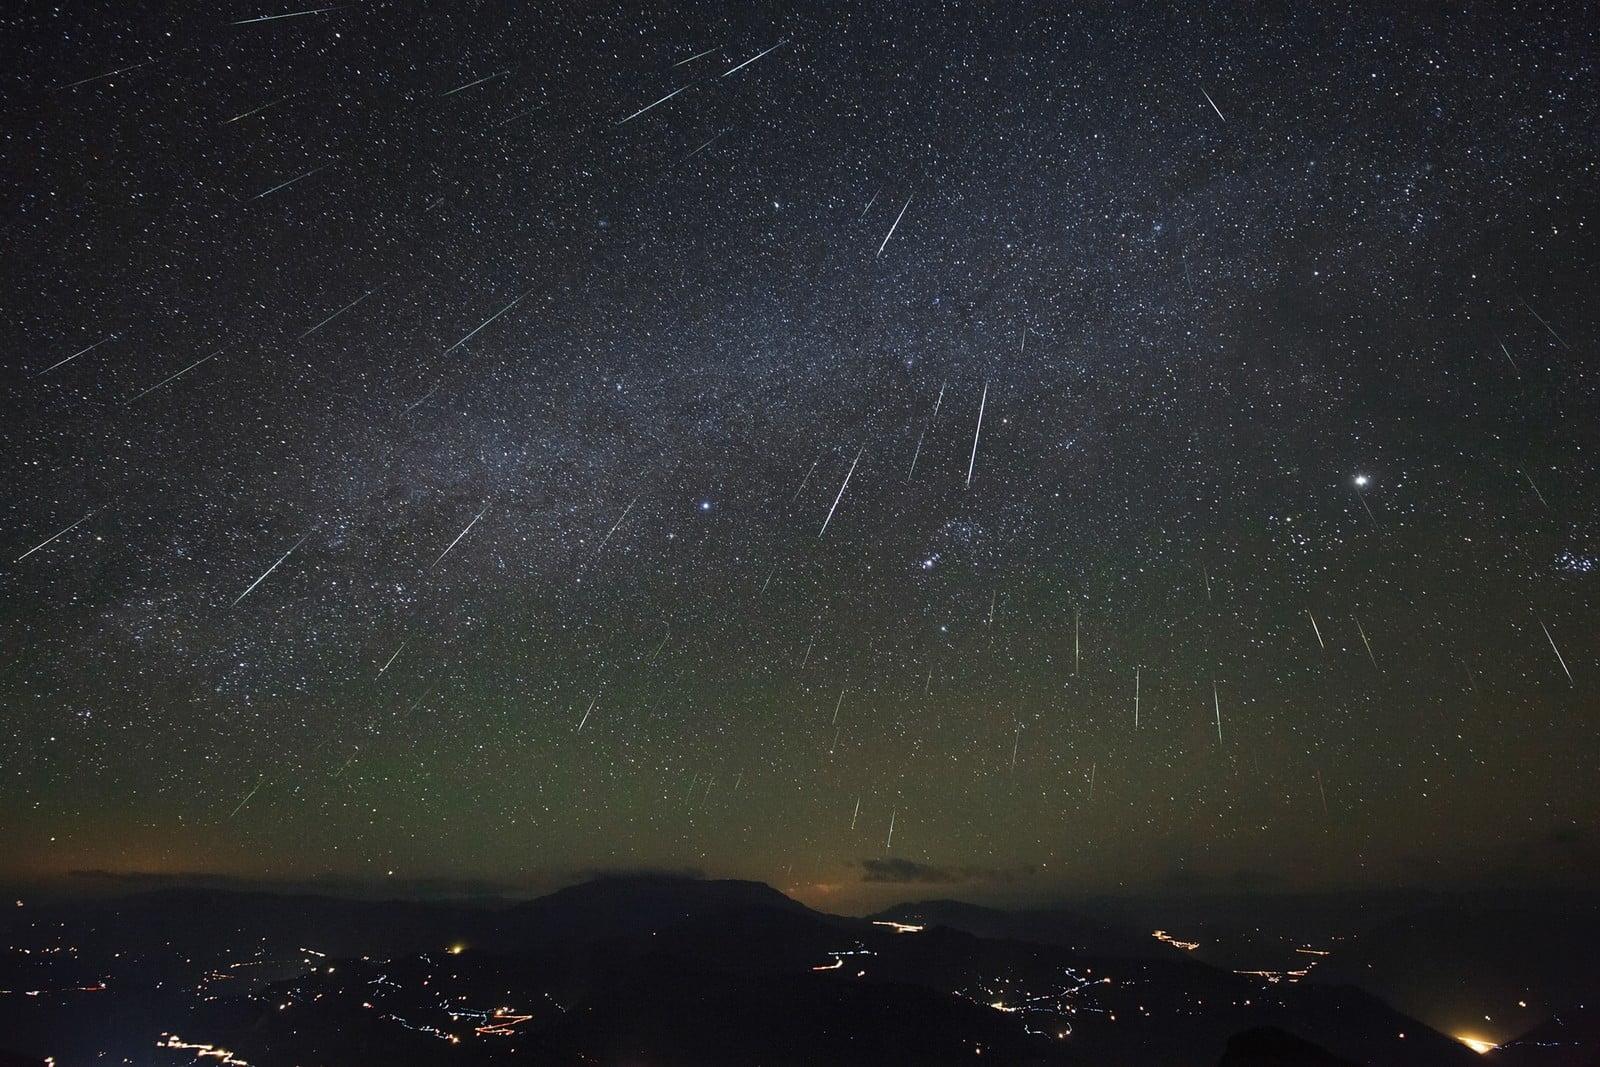 Chuva de estrelas cadentes poderá ser vista nesta madrugada